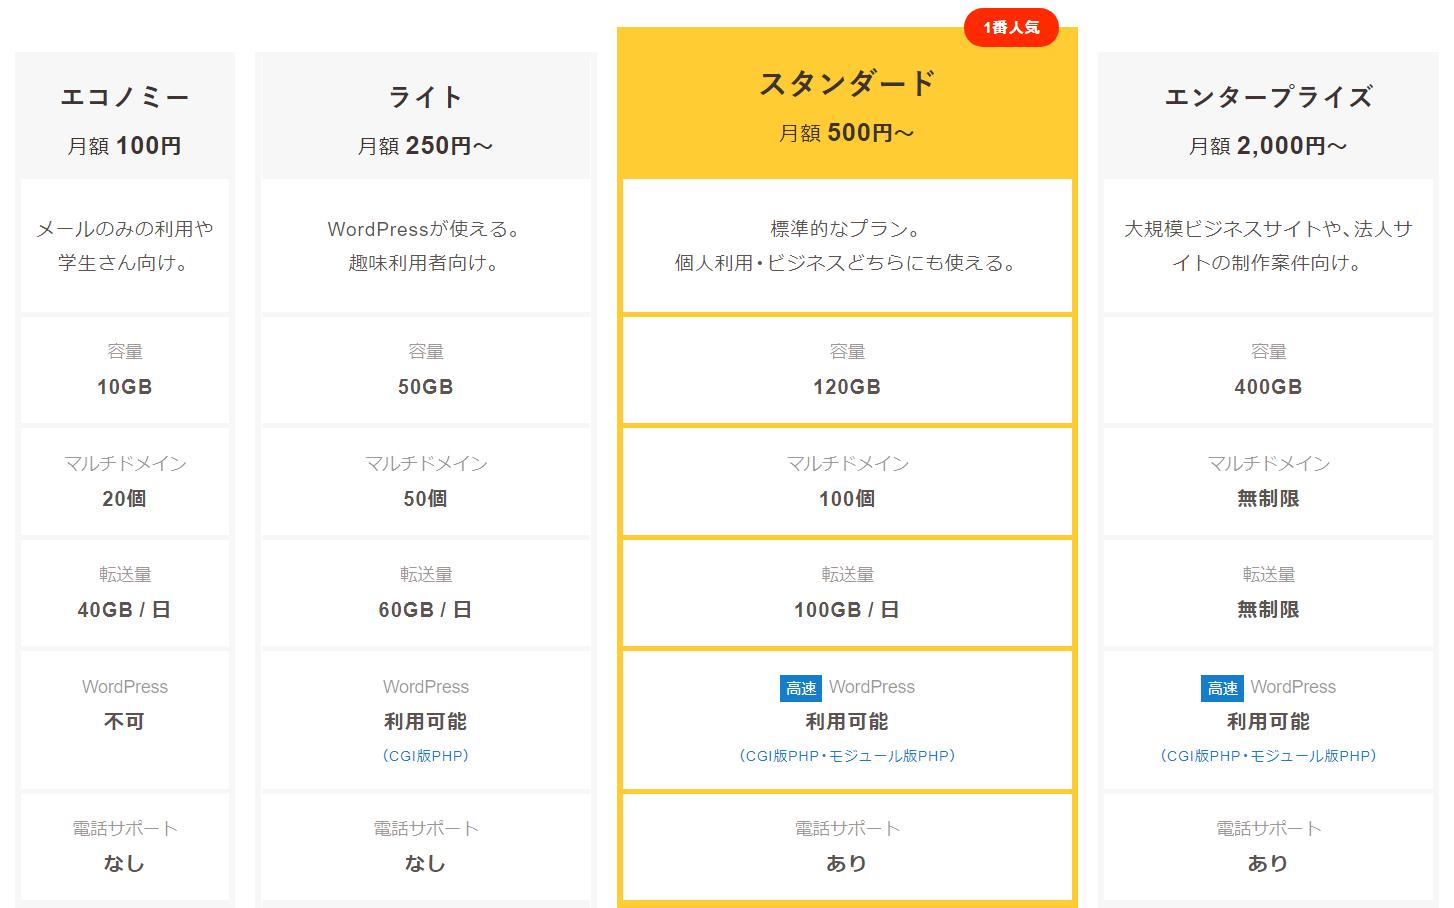 人気格安レンタルサーバー ロリポップの料金表